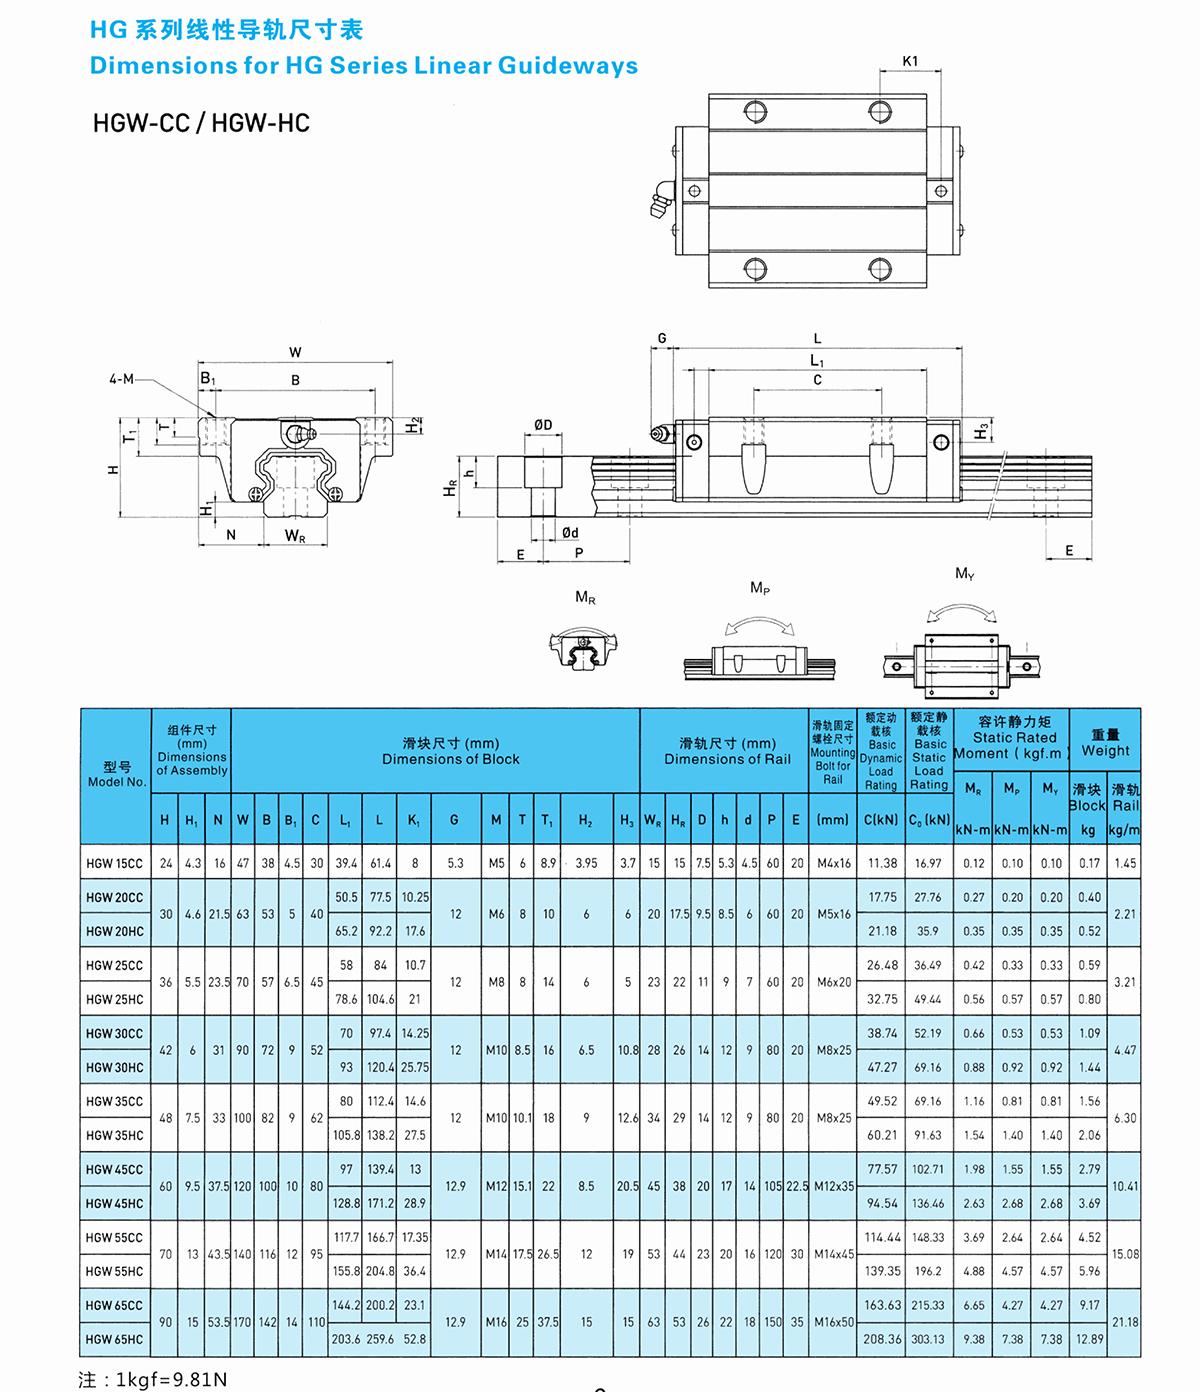 HGW-CCHGW-HC-14